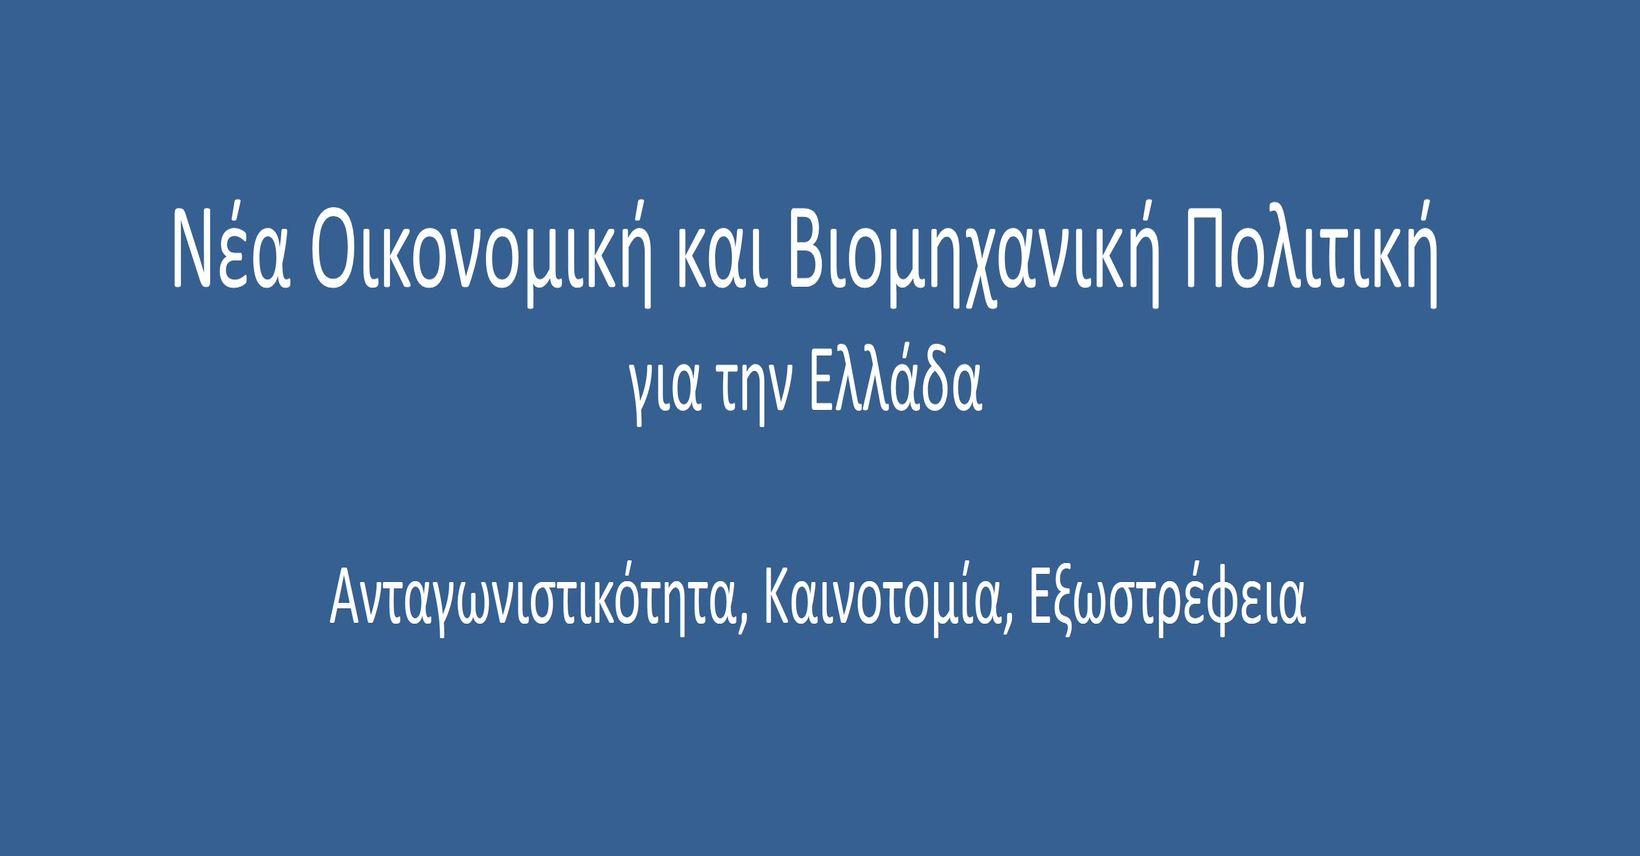 Νέα Οικονομική και Βιομηχανική Πολιτική, για την Ελλάδα